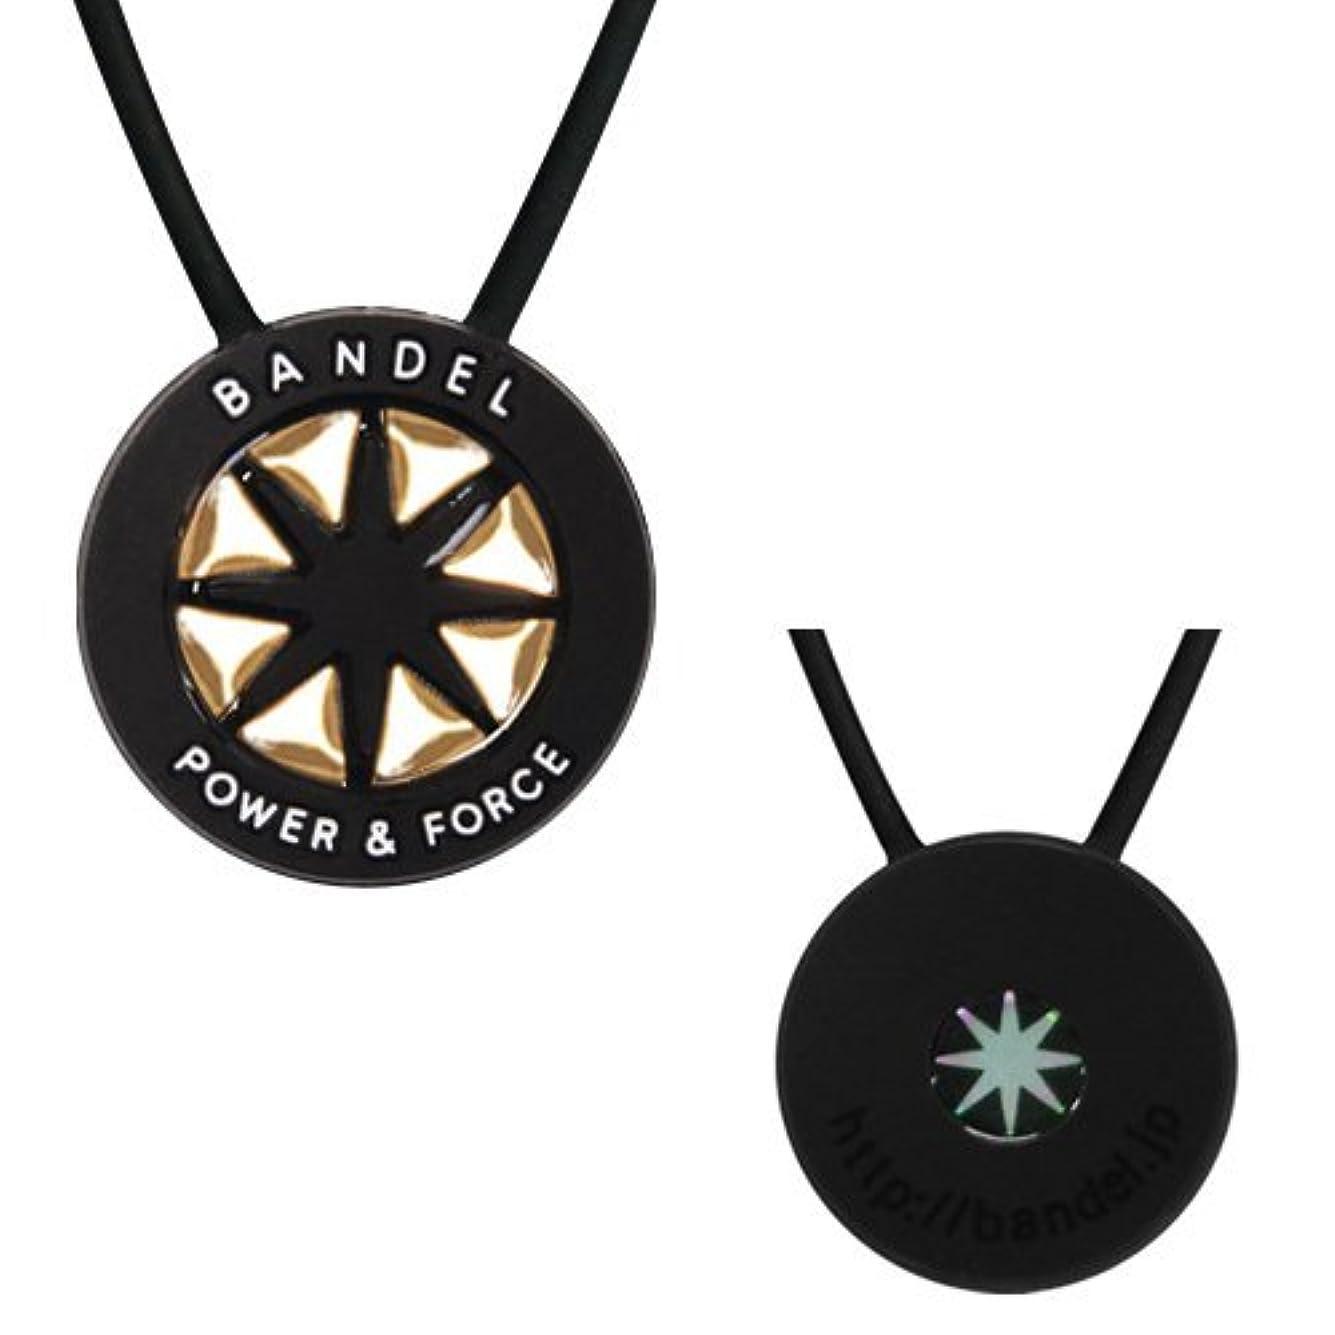 トピック熱望するピンポイントバンデル(BANDEL) メタルプレート スポーツギア シリコンネックレス (ブラック×ゴールド) ショートタイプ